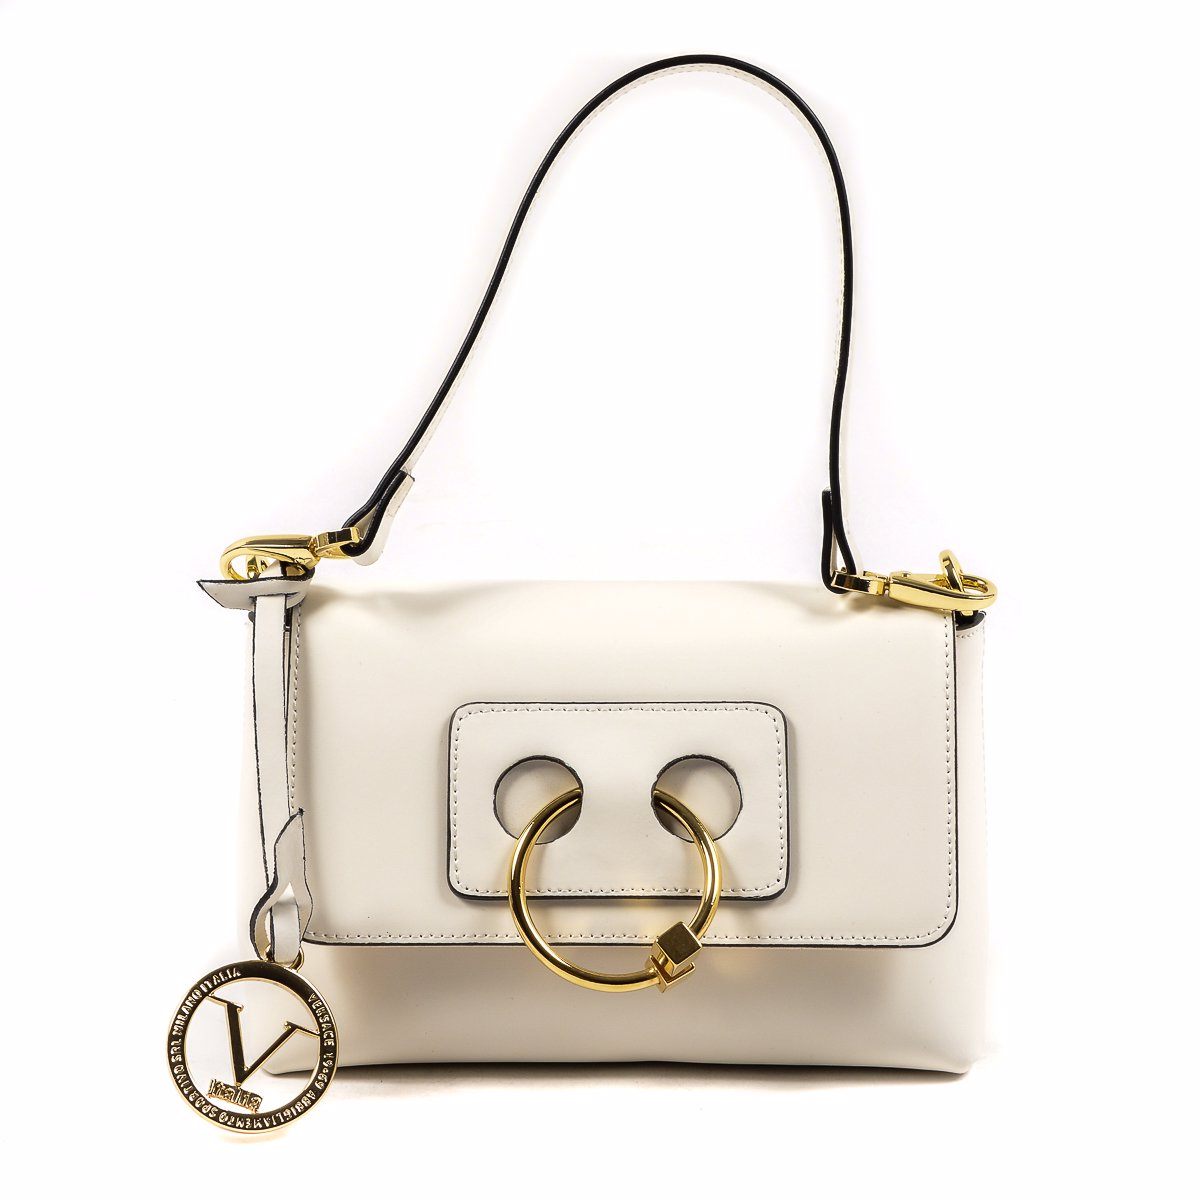 M5a79f2518df470b8d4446489 new products c676f c2066  www.mysale.my — Versace  1969 Abbigliamento Sportivo SRL Milano Ita Leather Shoulder Bag ... ecebe35ee3eee